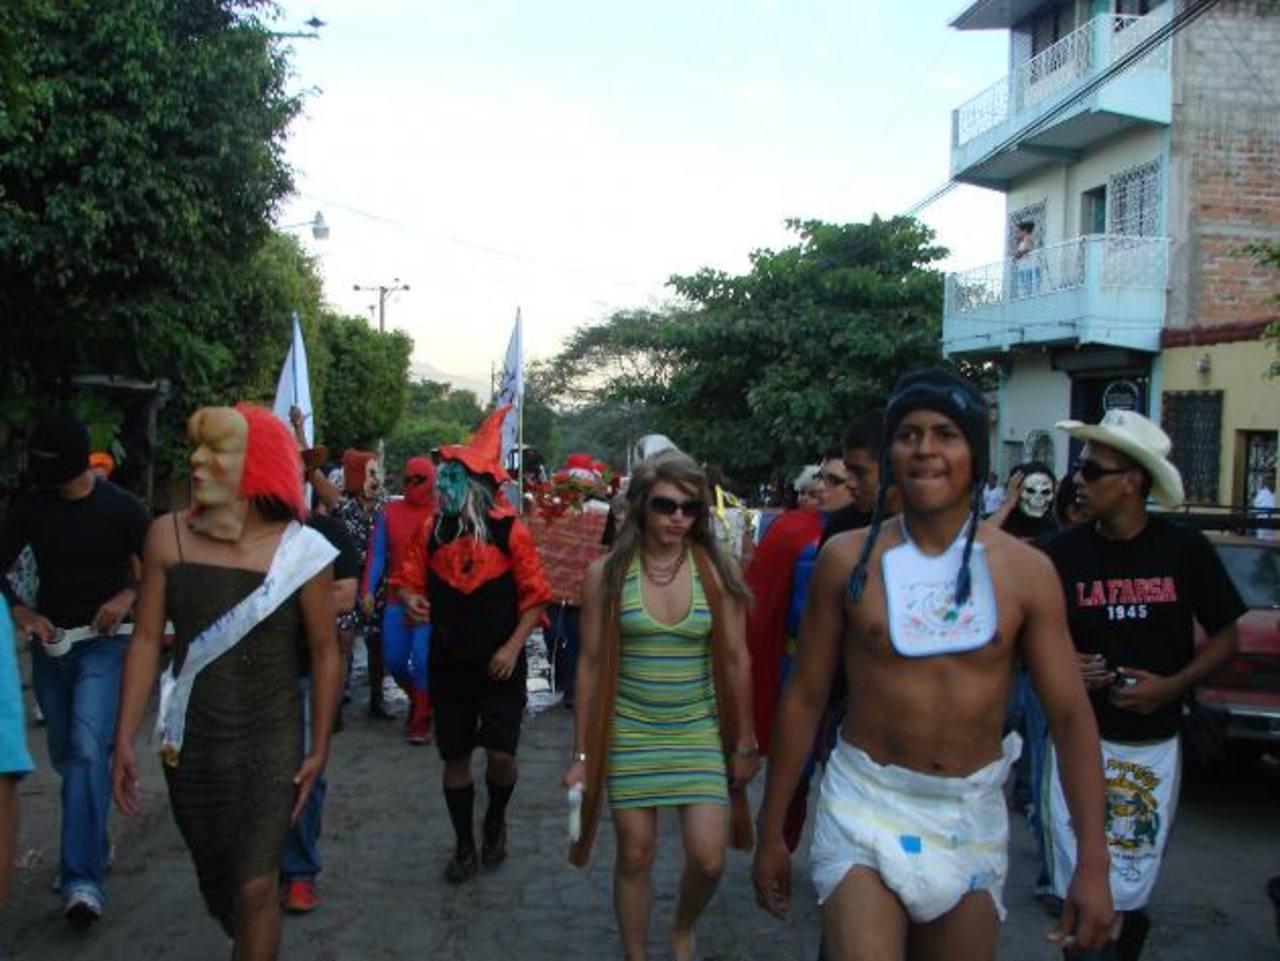 Desinhibidos al máximo, así lucen los integrantes de La Farsa cuando se trata de desfilar cada 28 de diciembre por las principales calles vicentinas. foto edh/ cortesía josé juan rodríguez